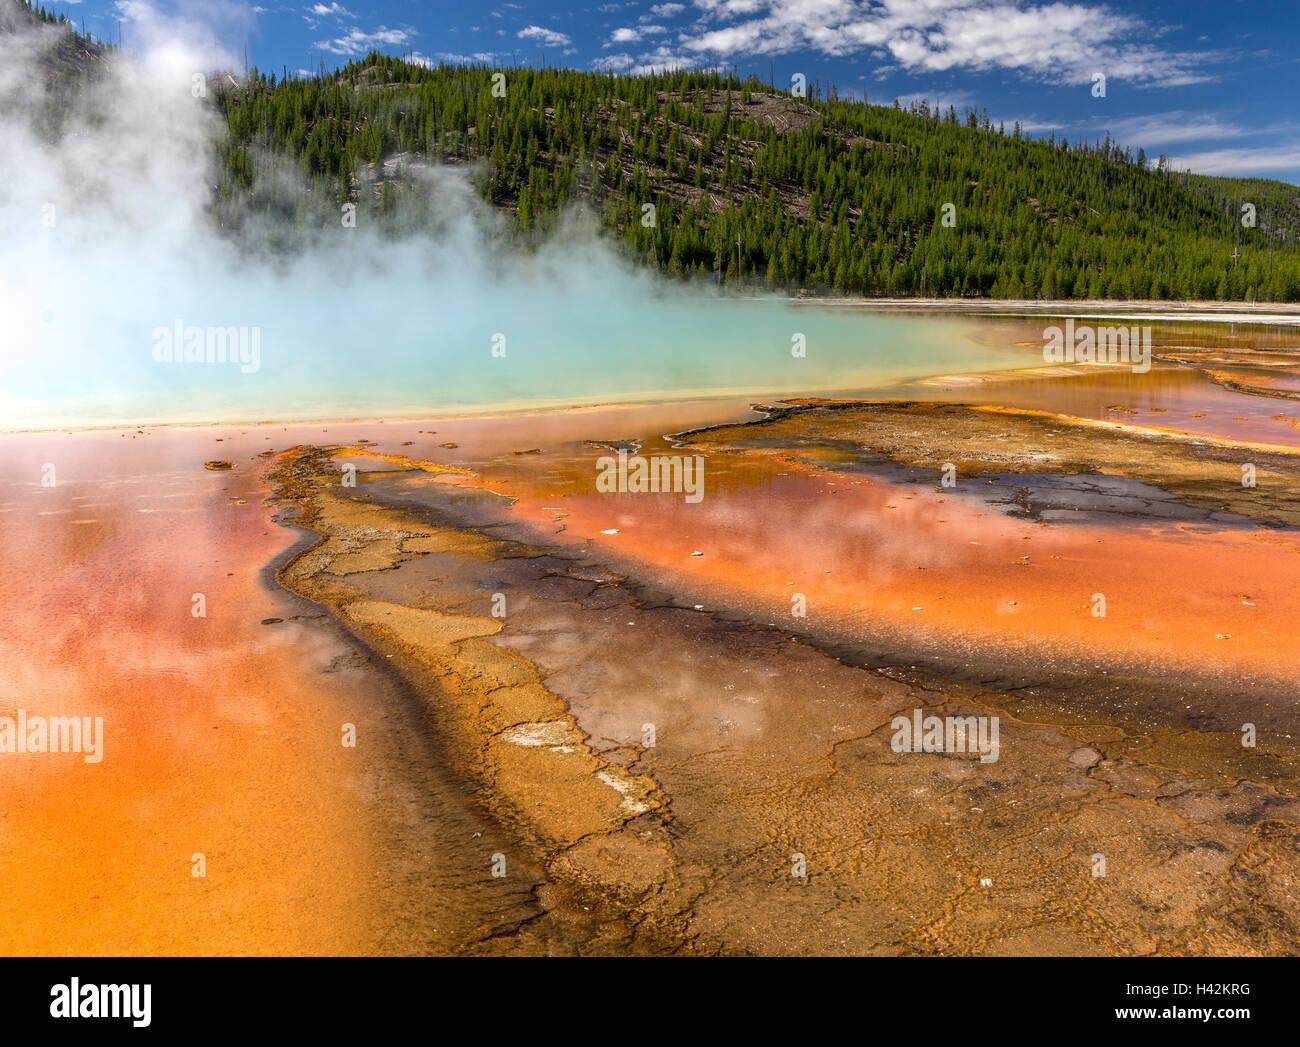 Le Parc National de Yellowstone, Wyoming, les habitudes d'algues thermophiles (orange) dans l'eau de ruissellement Photo Stock